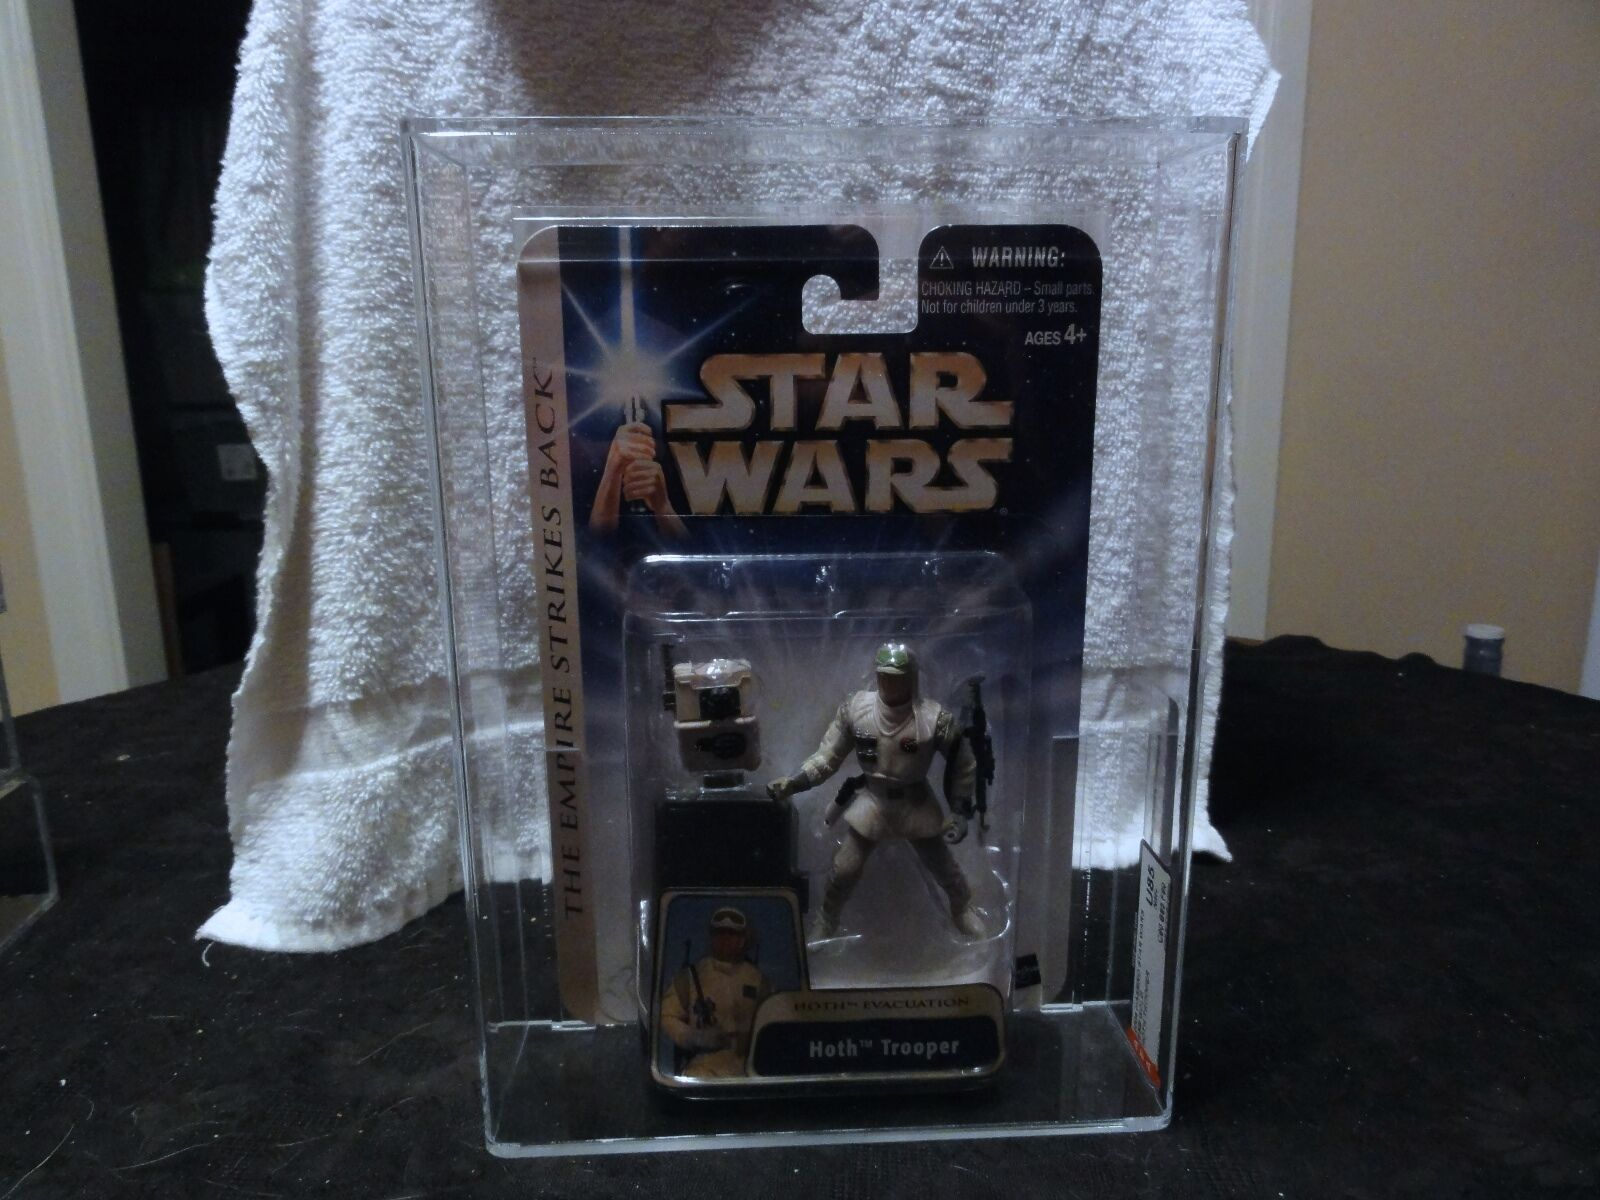 Star - wars - 2004 (Gold - soldat afa versiegelt mib - box